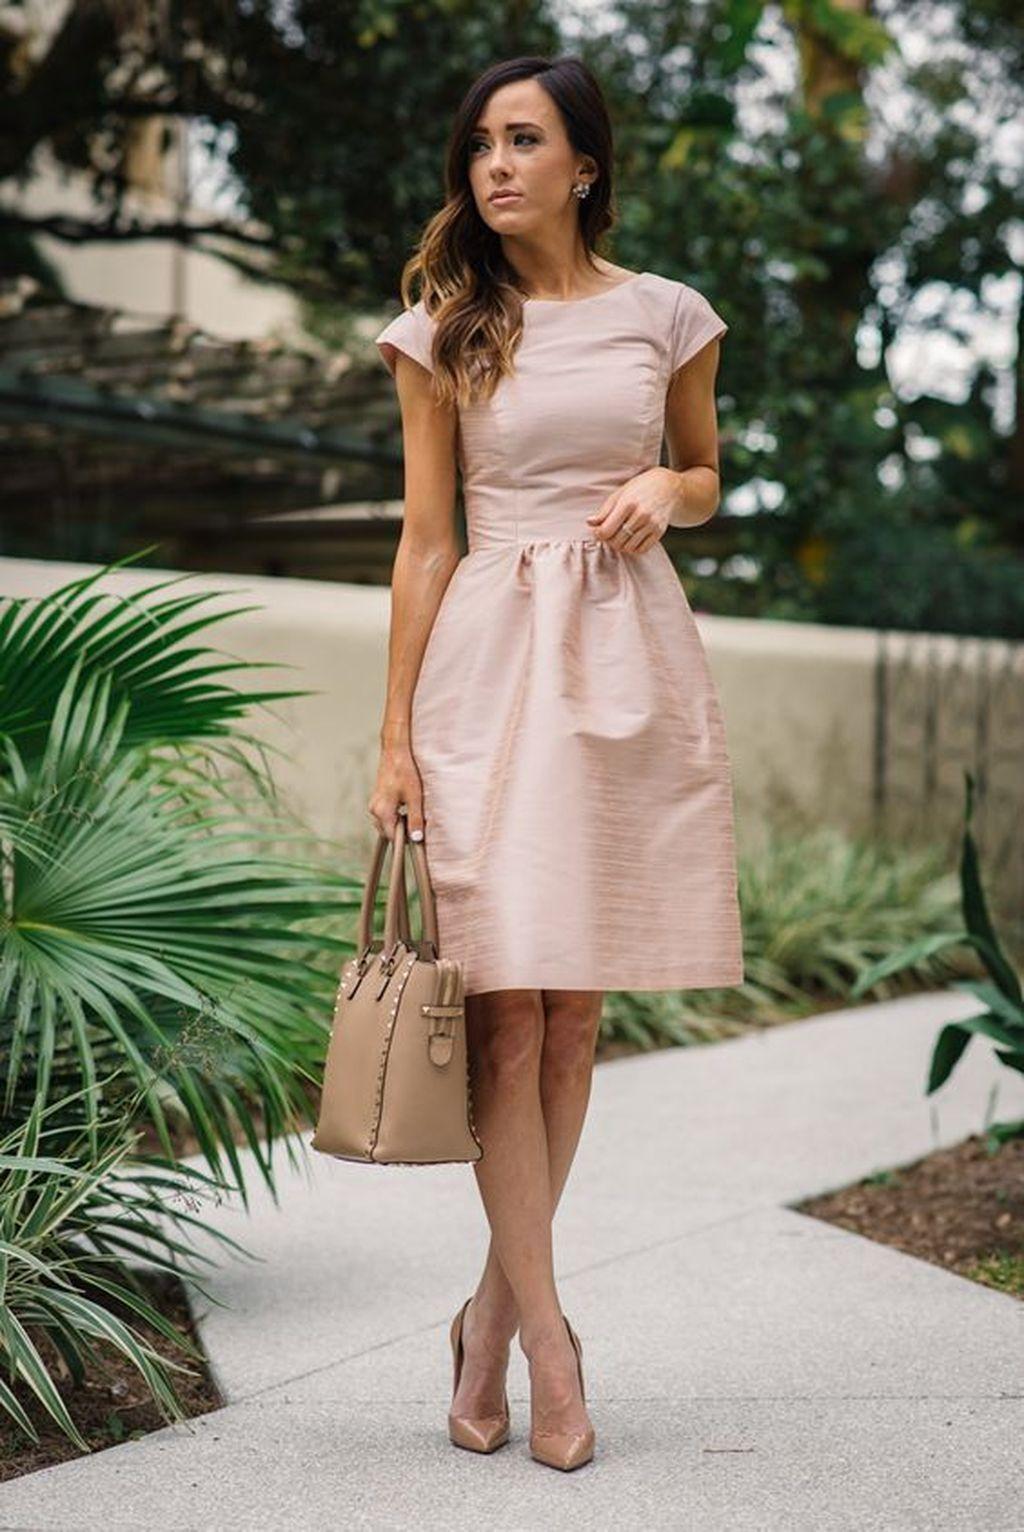 Wedding guest dress ideas   Trending  Spring Wedding Guest Dress Ideas  look book